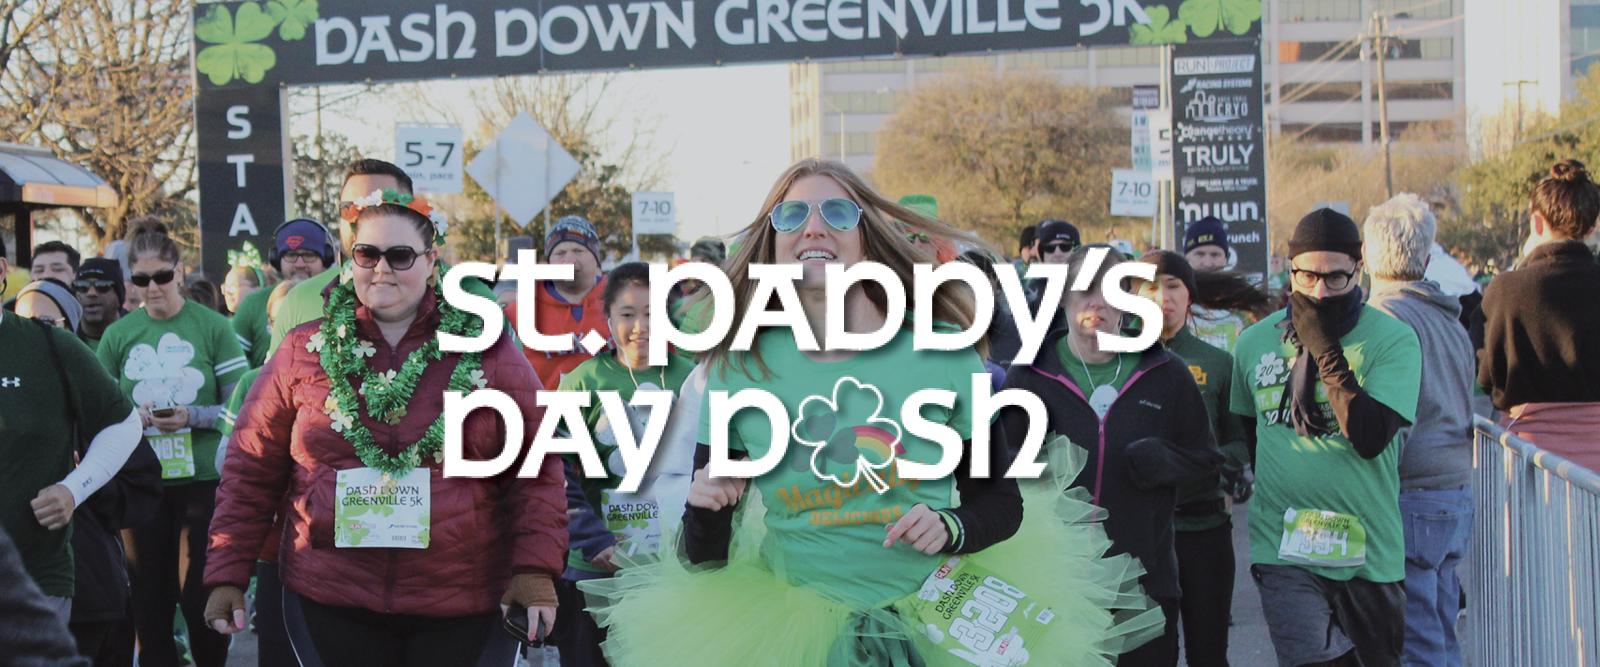 St. Paddy's Day Dash 5K Run